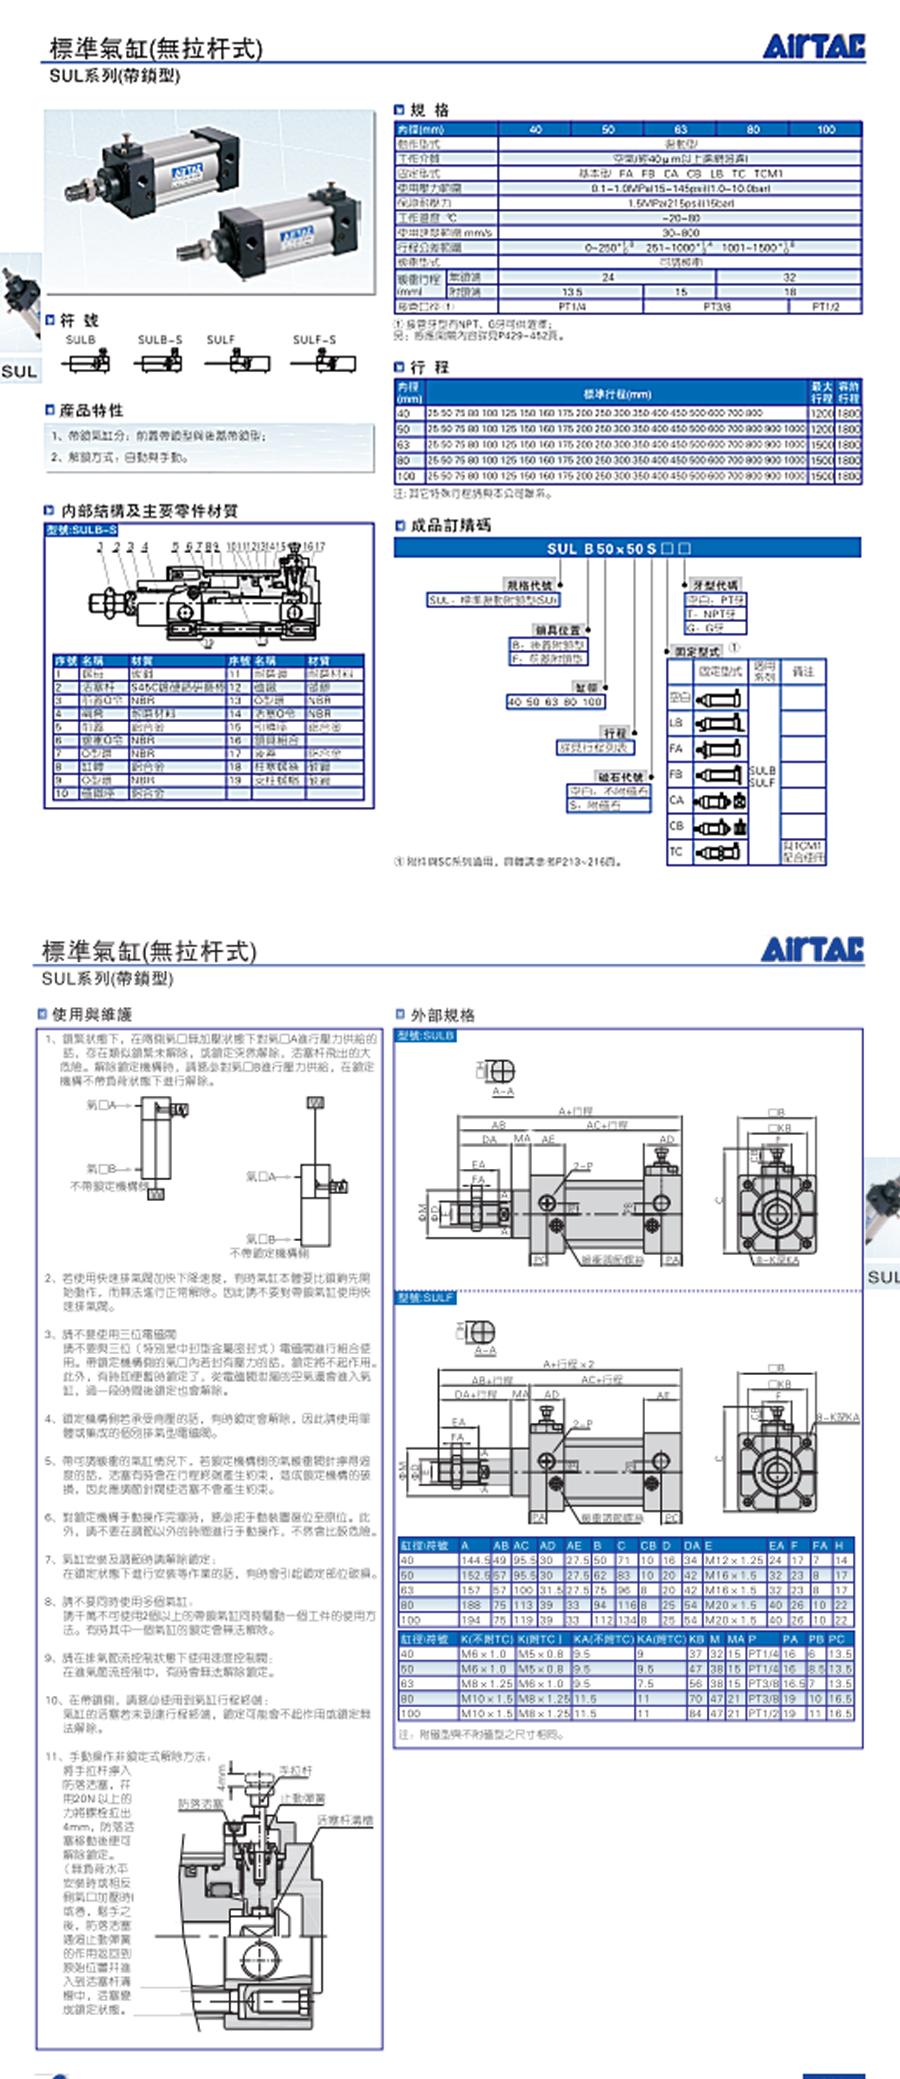 亚德客标准气缸无拉杆式SULF100X160S 参数说明